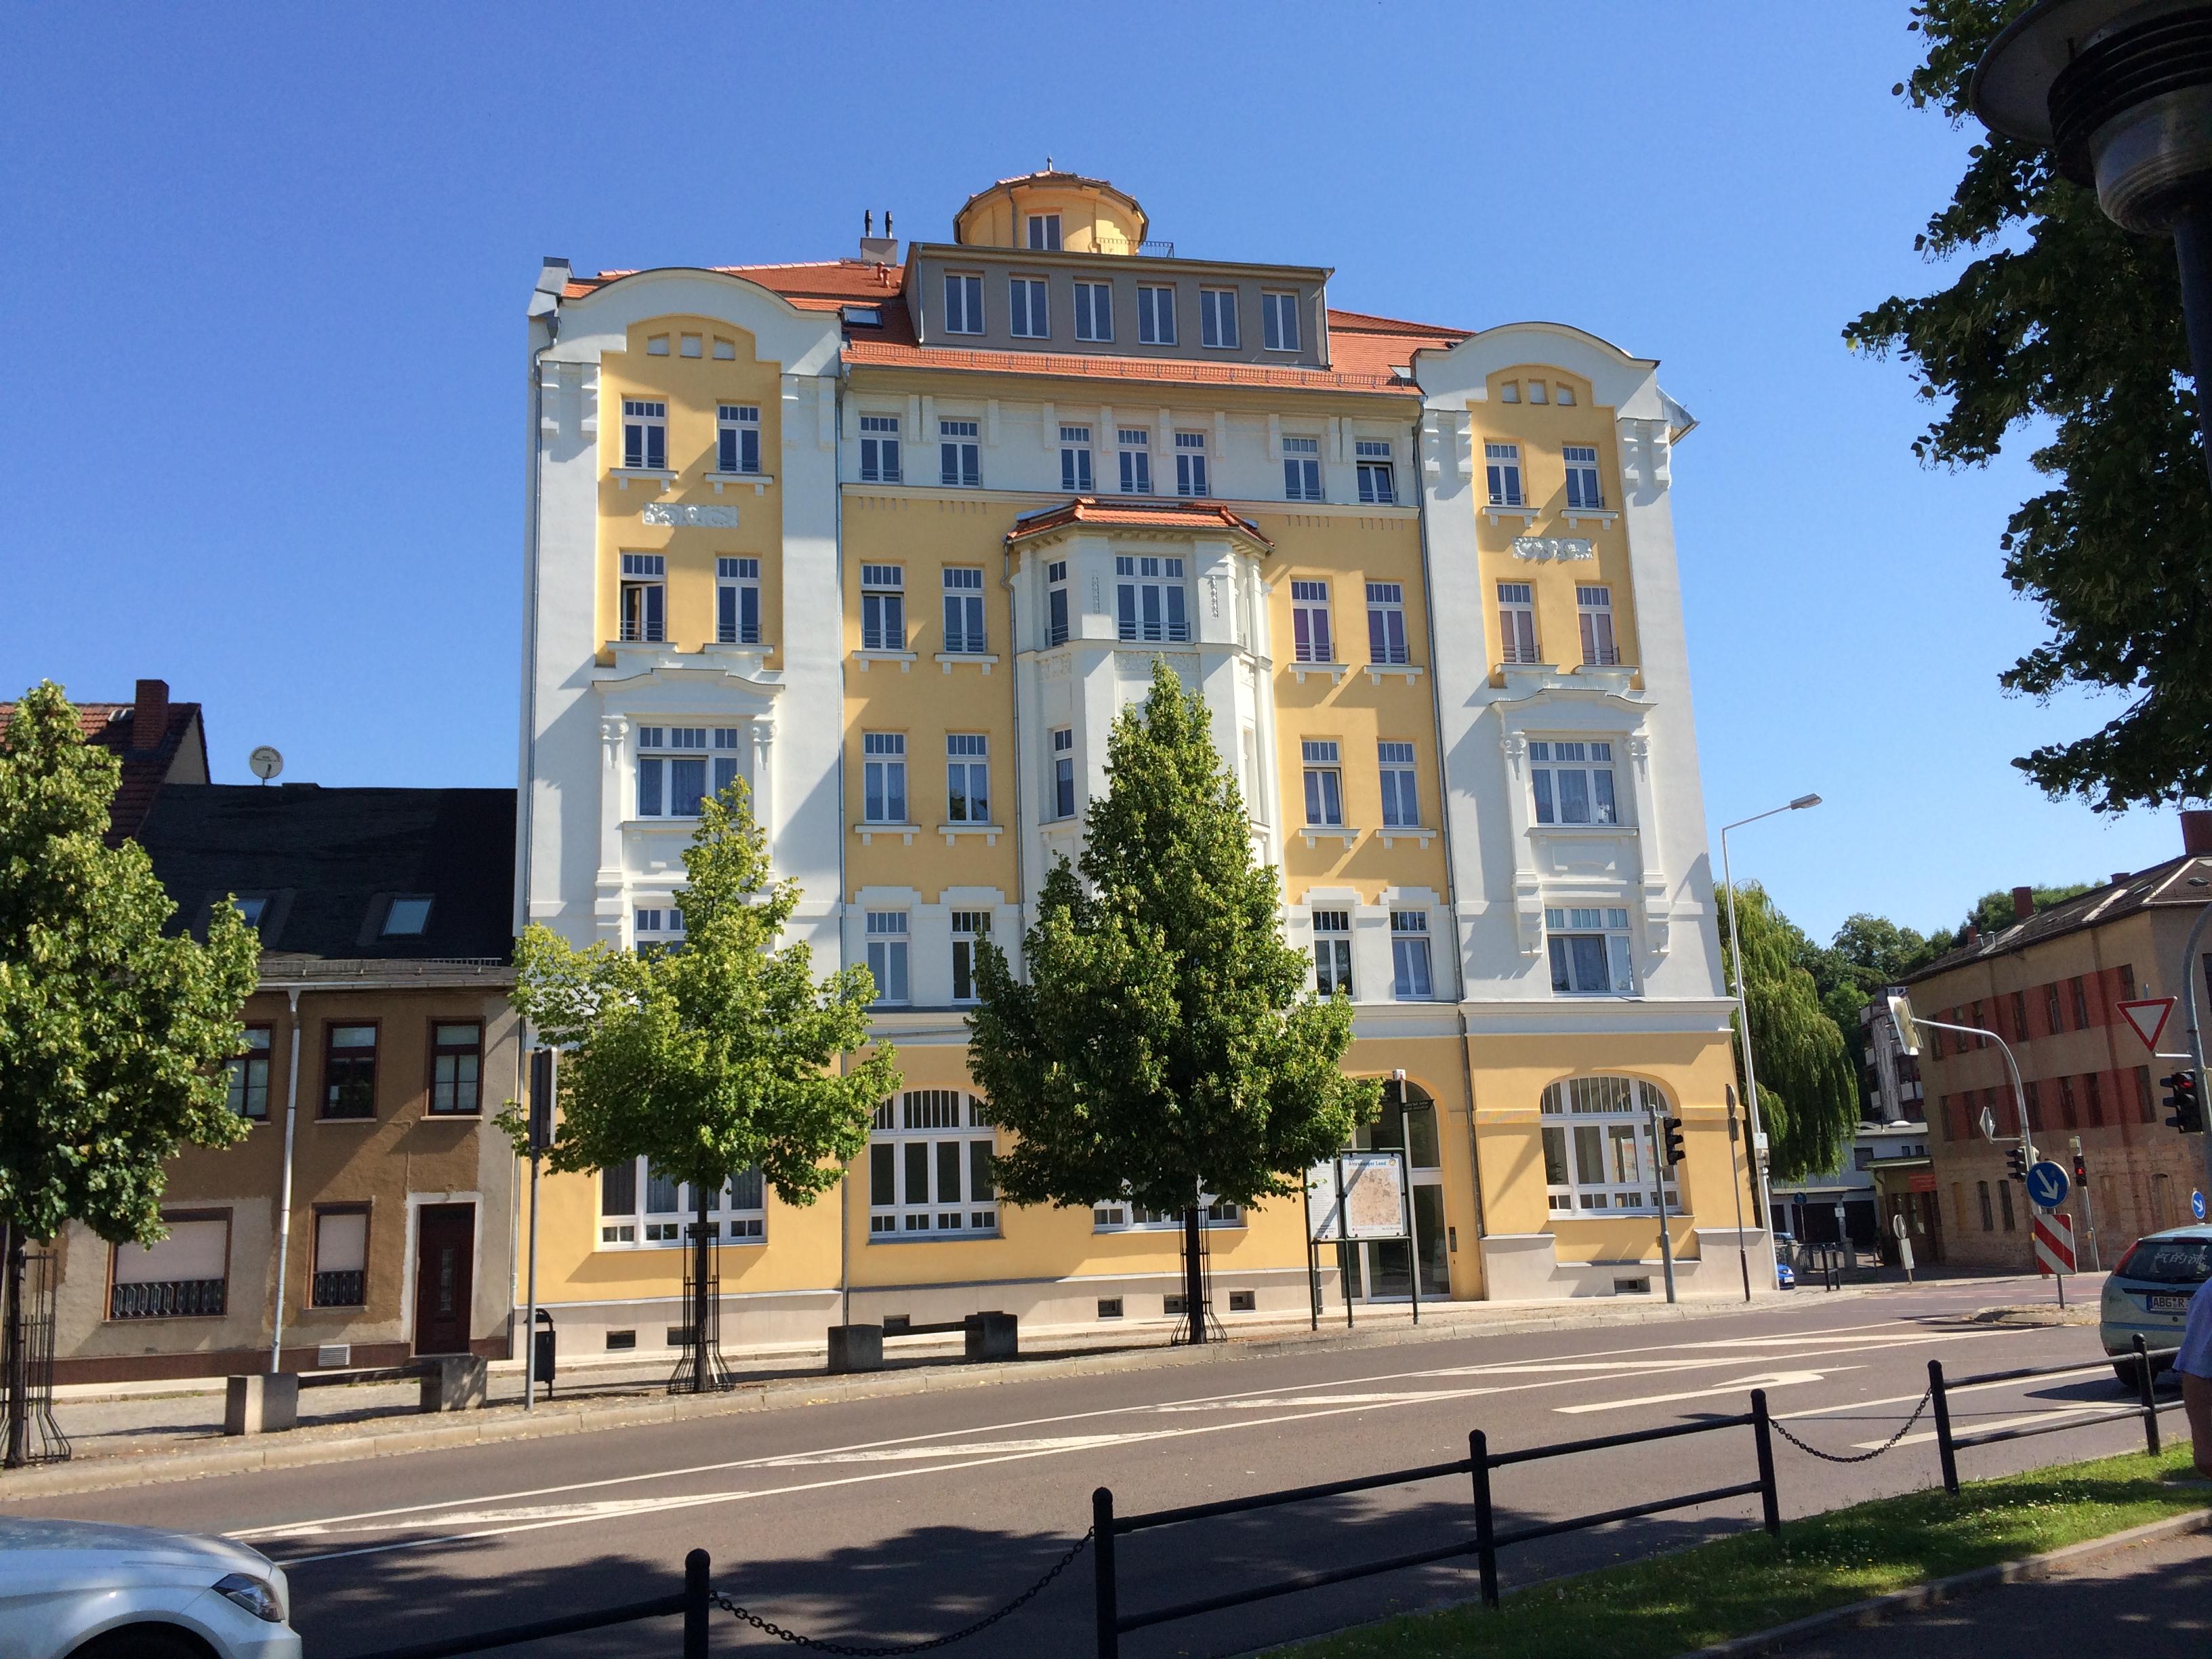 Wohn- und Geschäftshausumbau in Thüringen